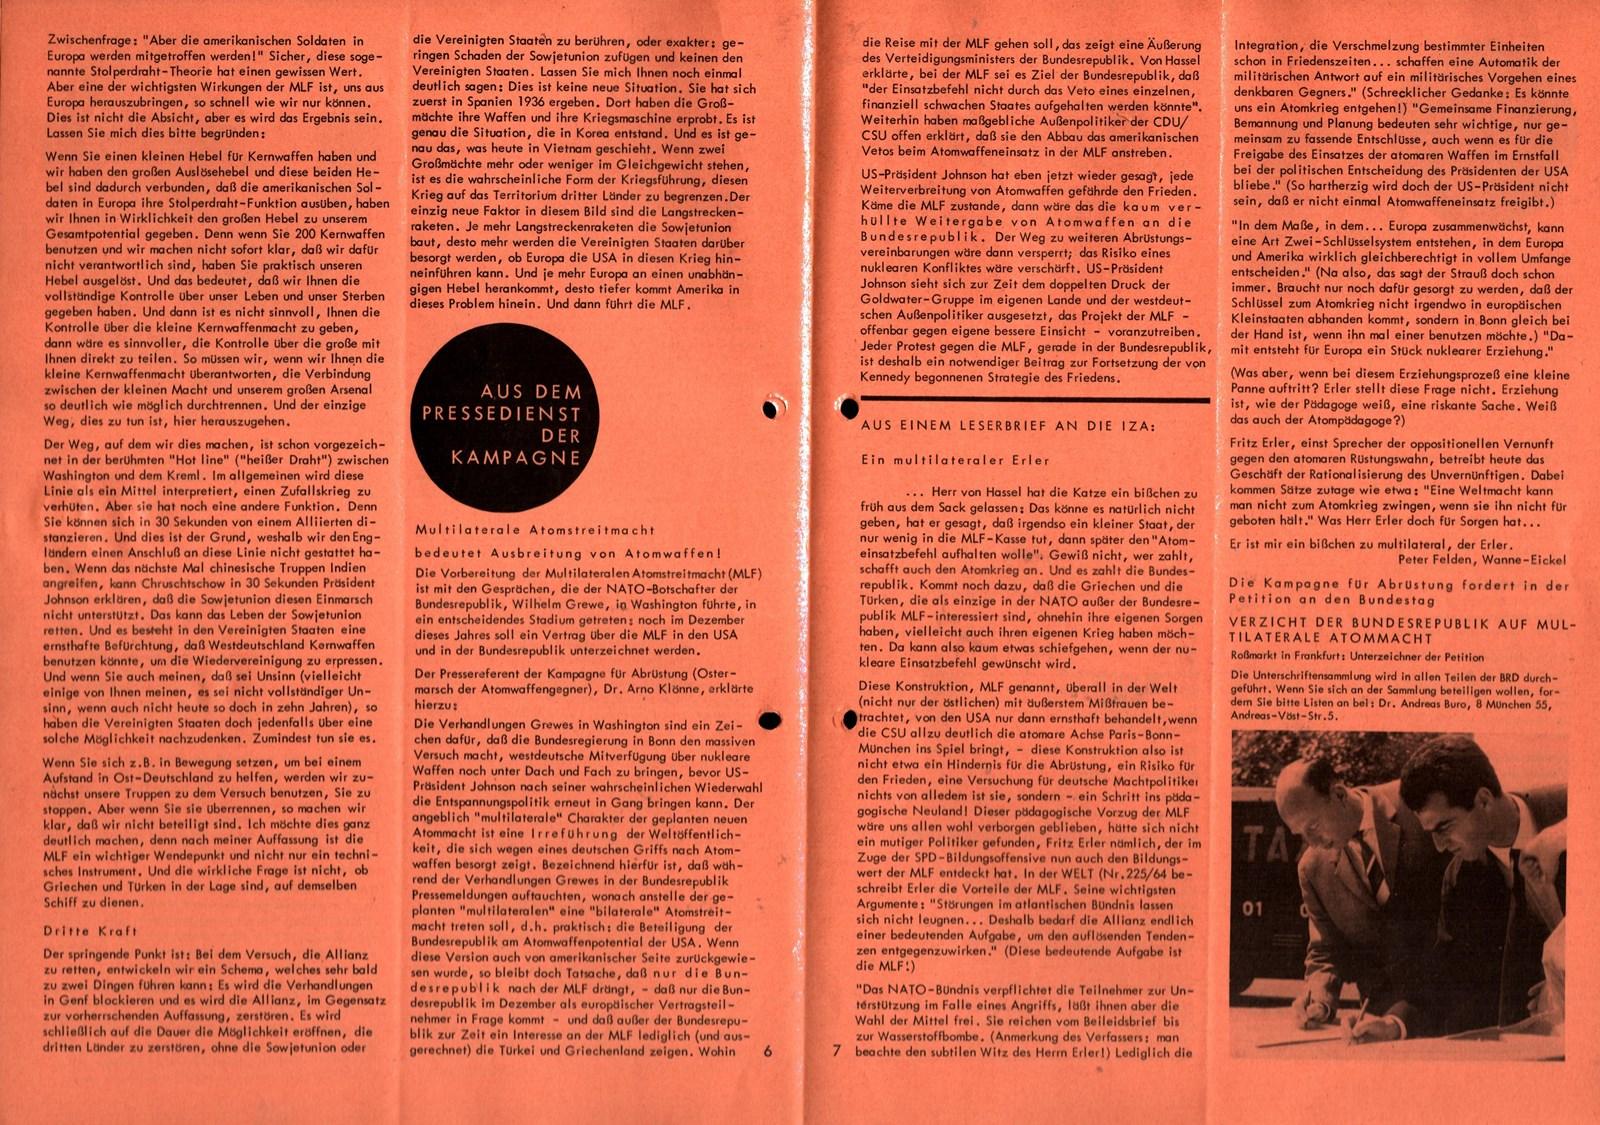 Infos_zur_Abruestung_1964_016_004